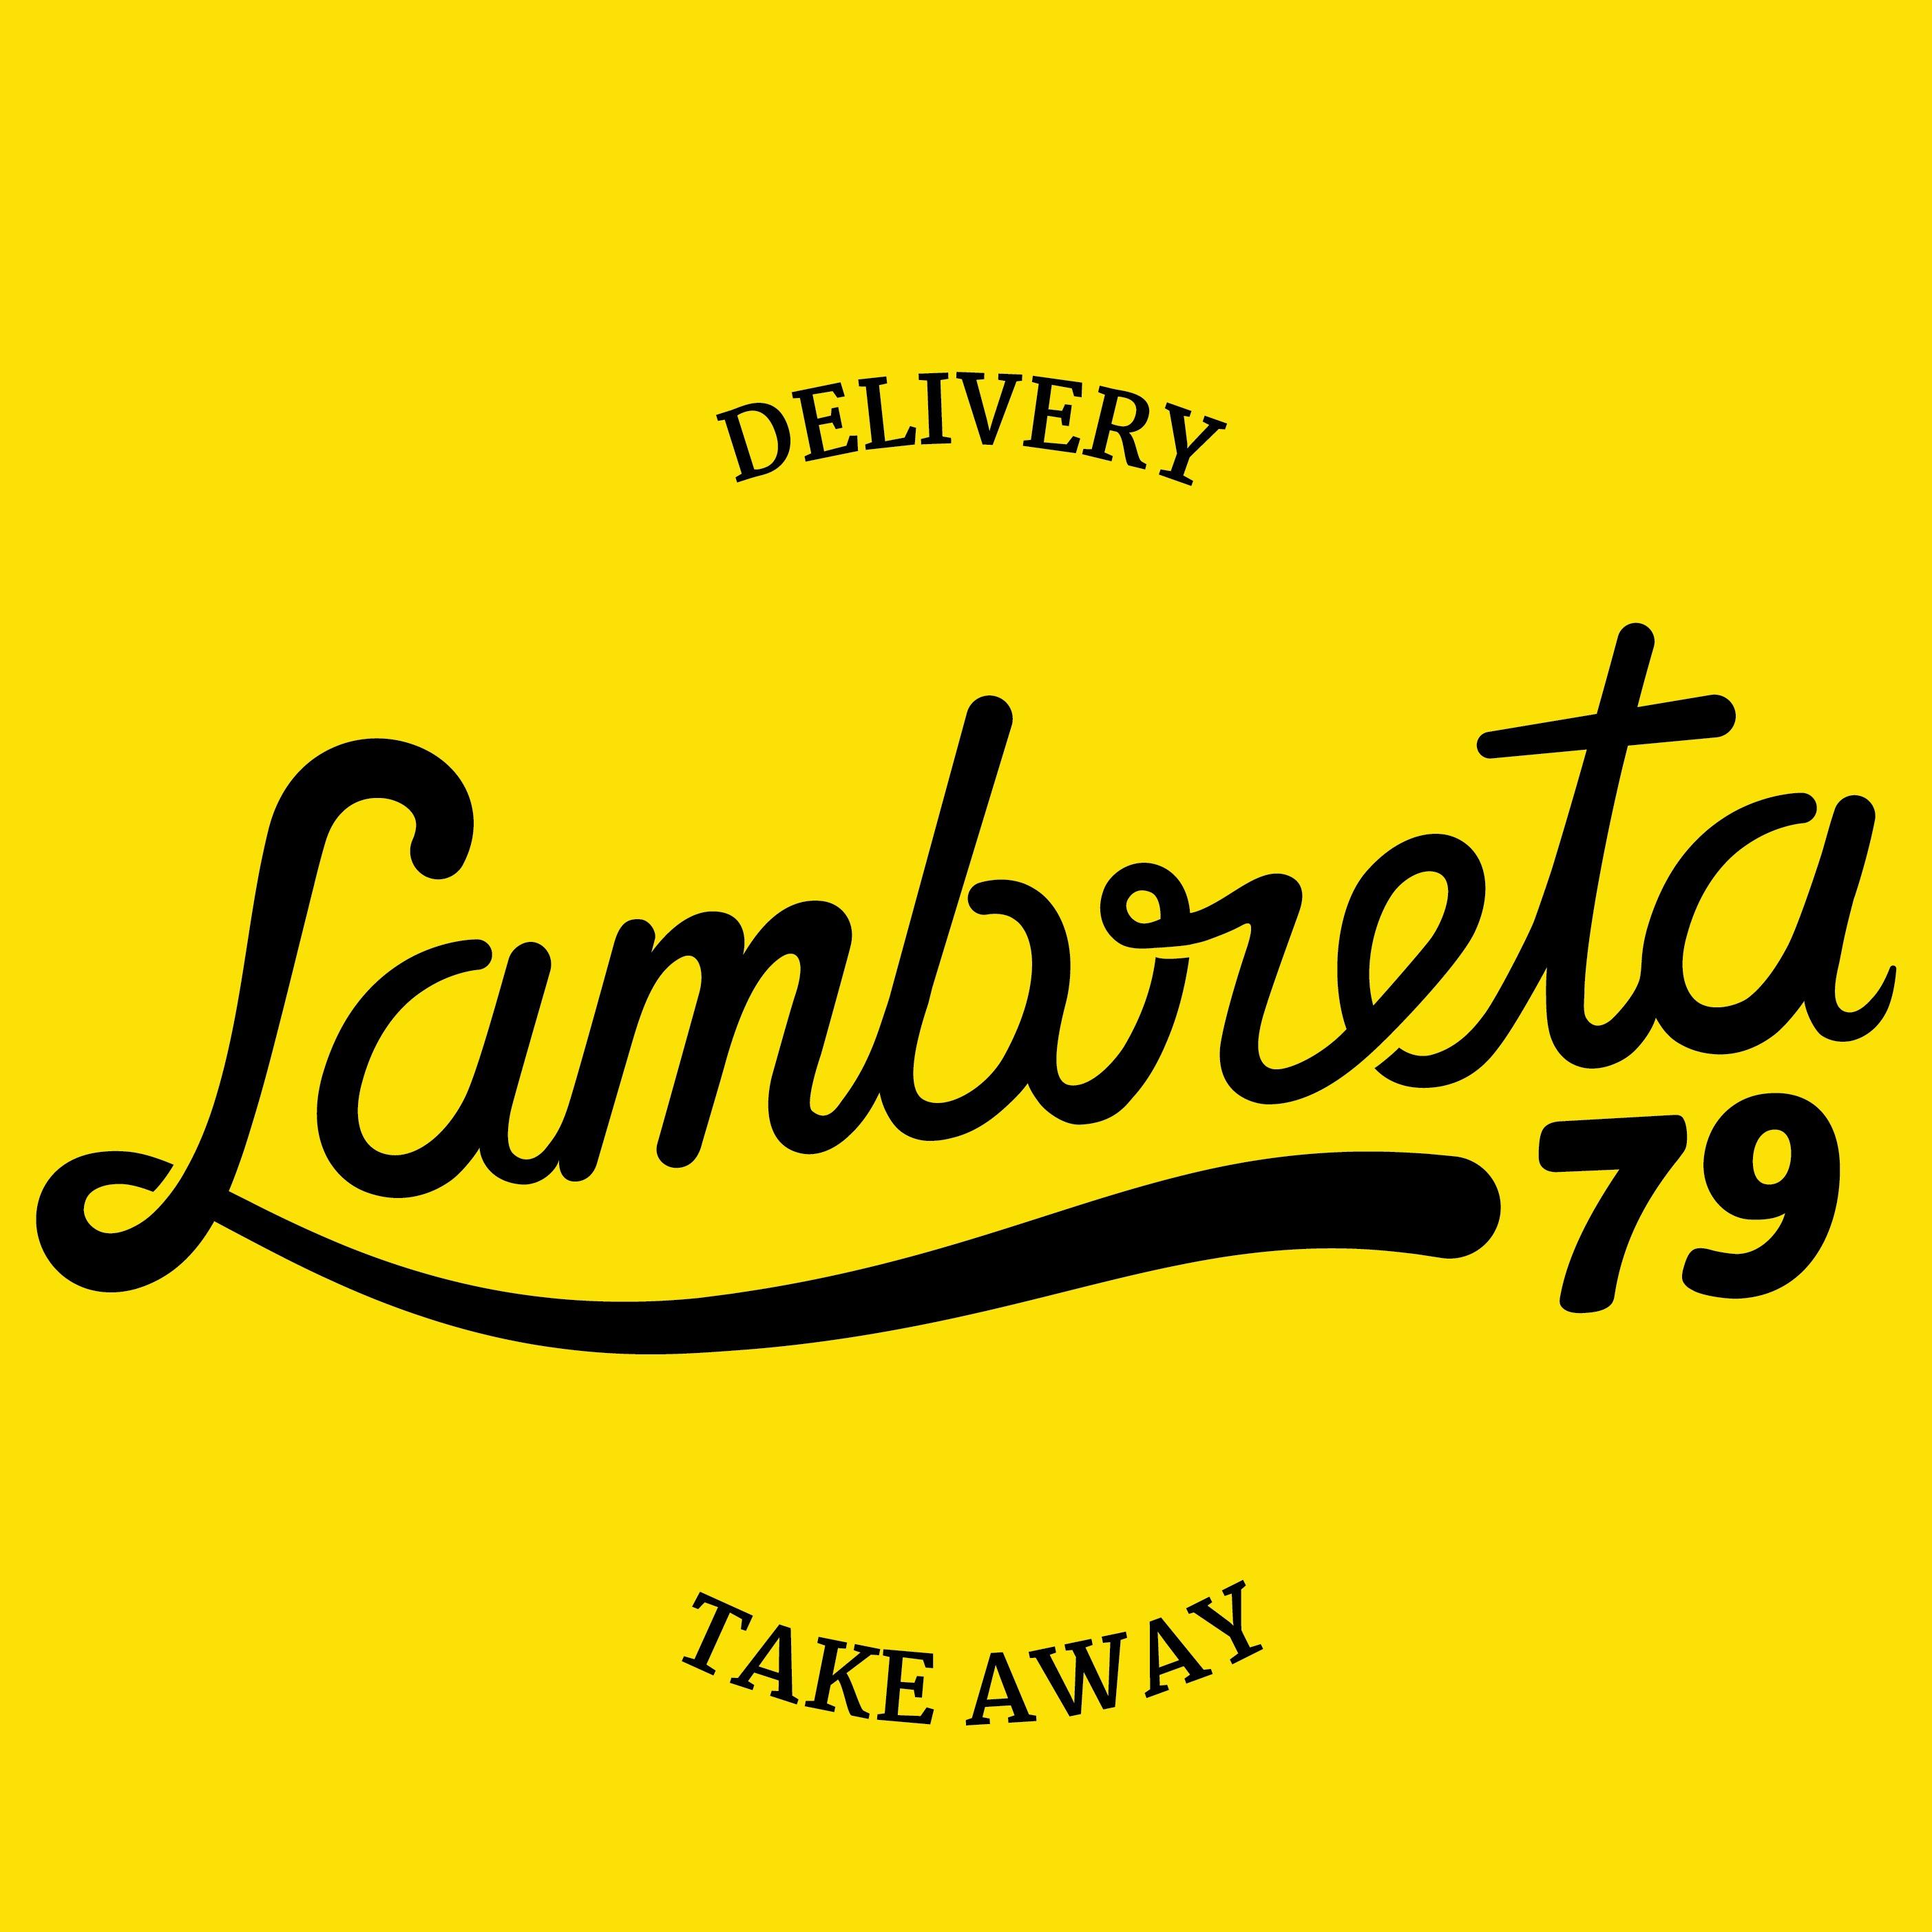 Lambreta 79 Delivery